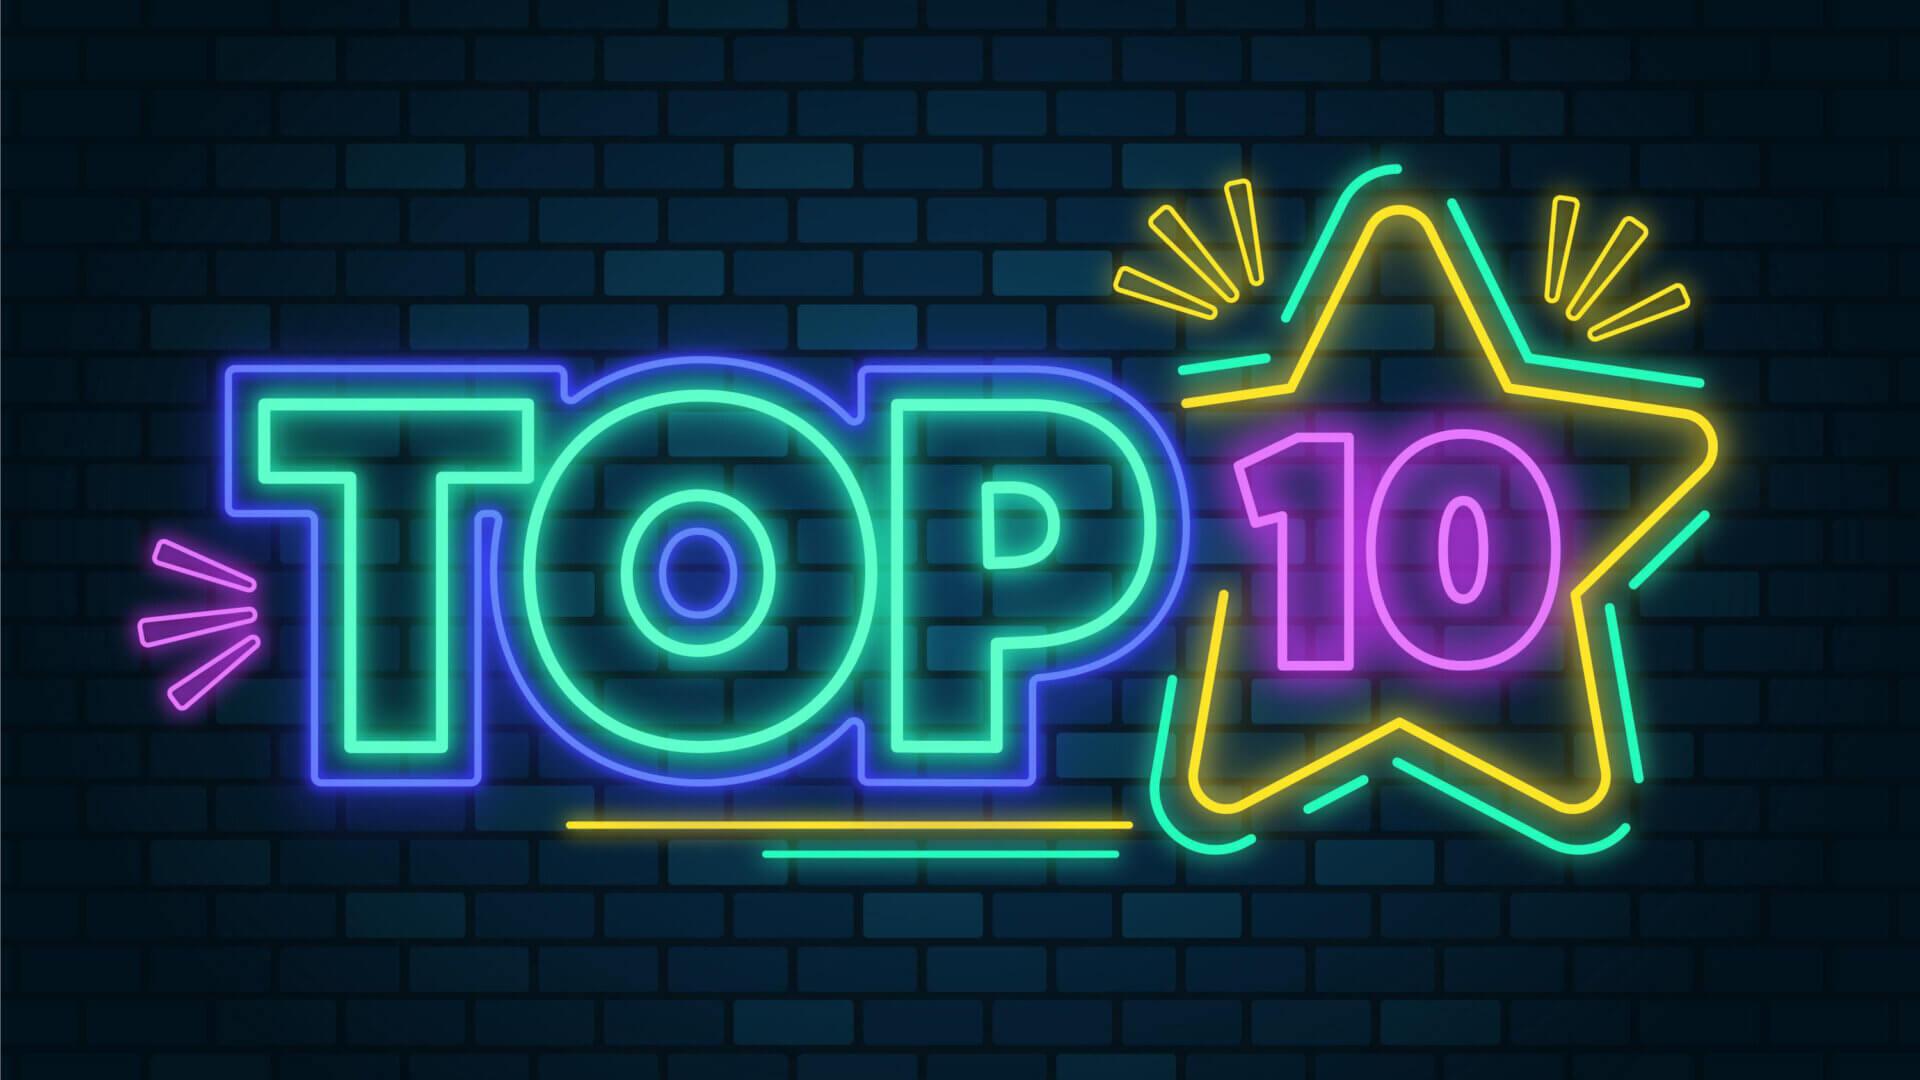 TOP 10 SOCIAL MEDIA BEST PRACTICES